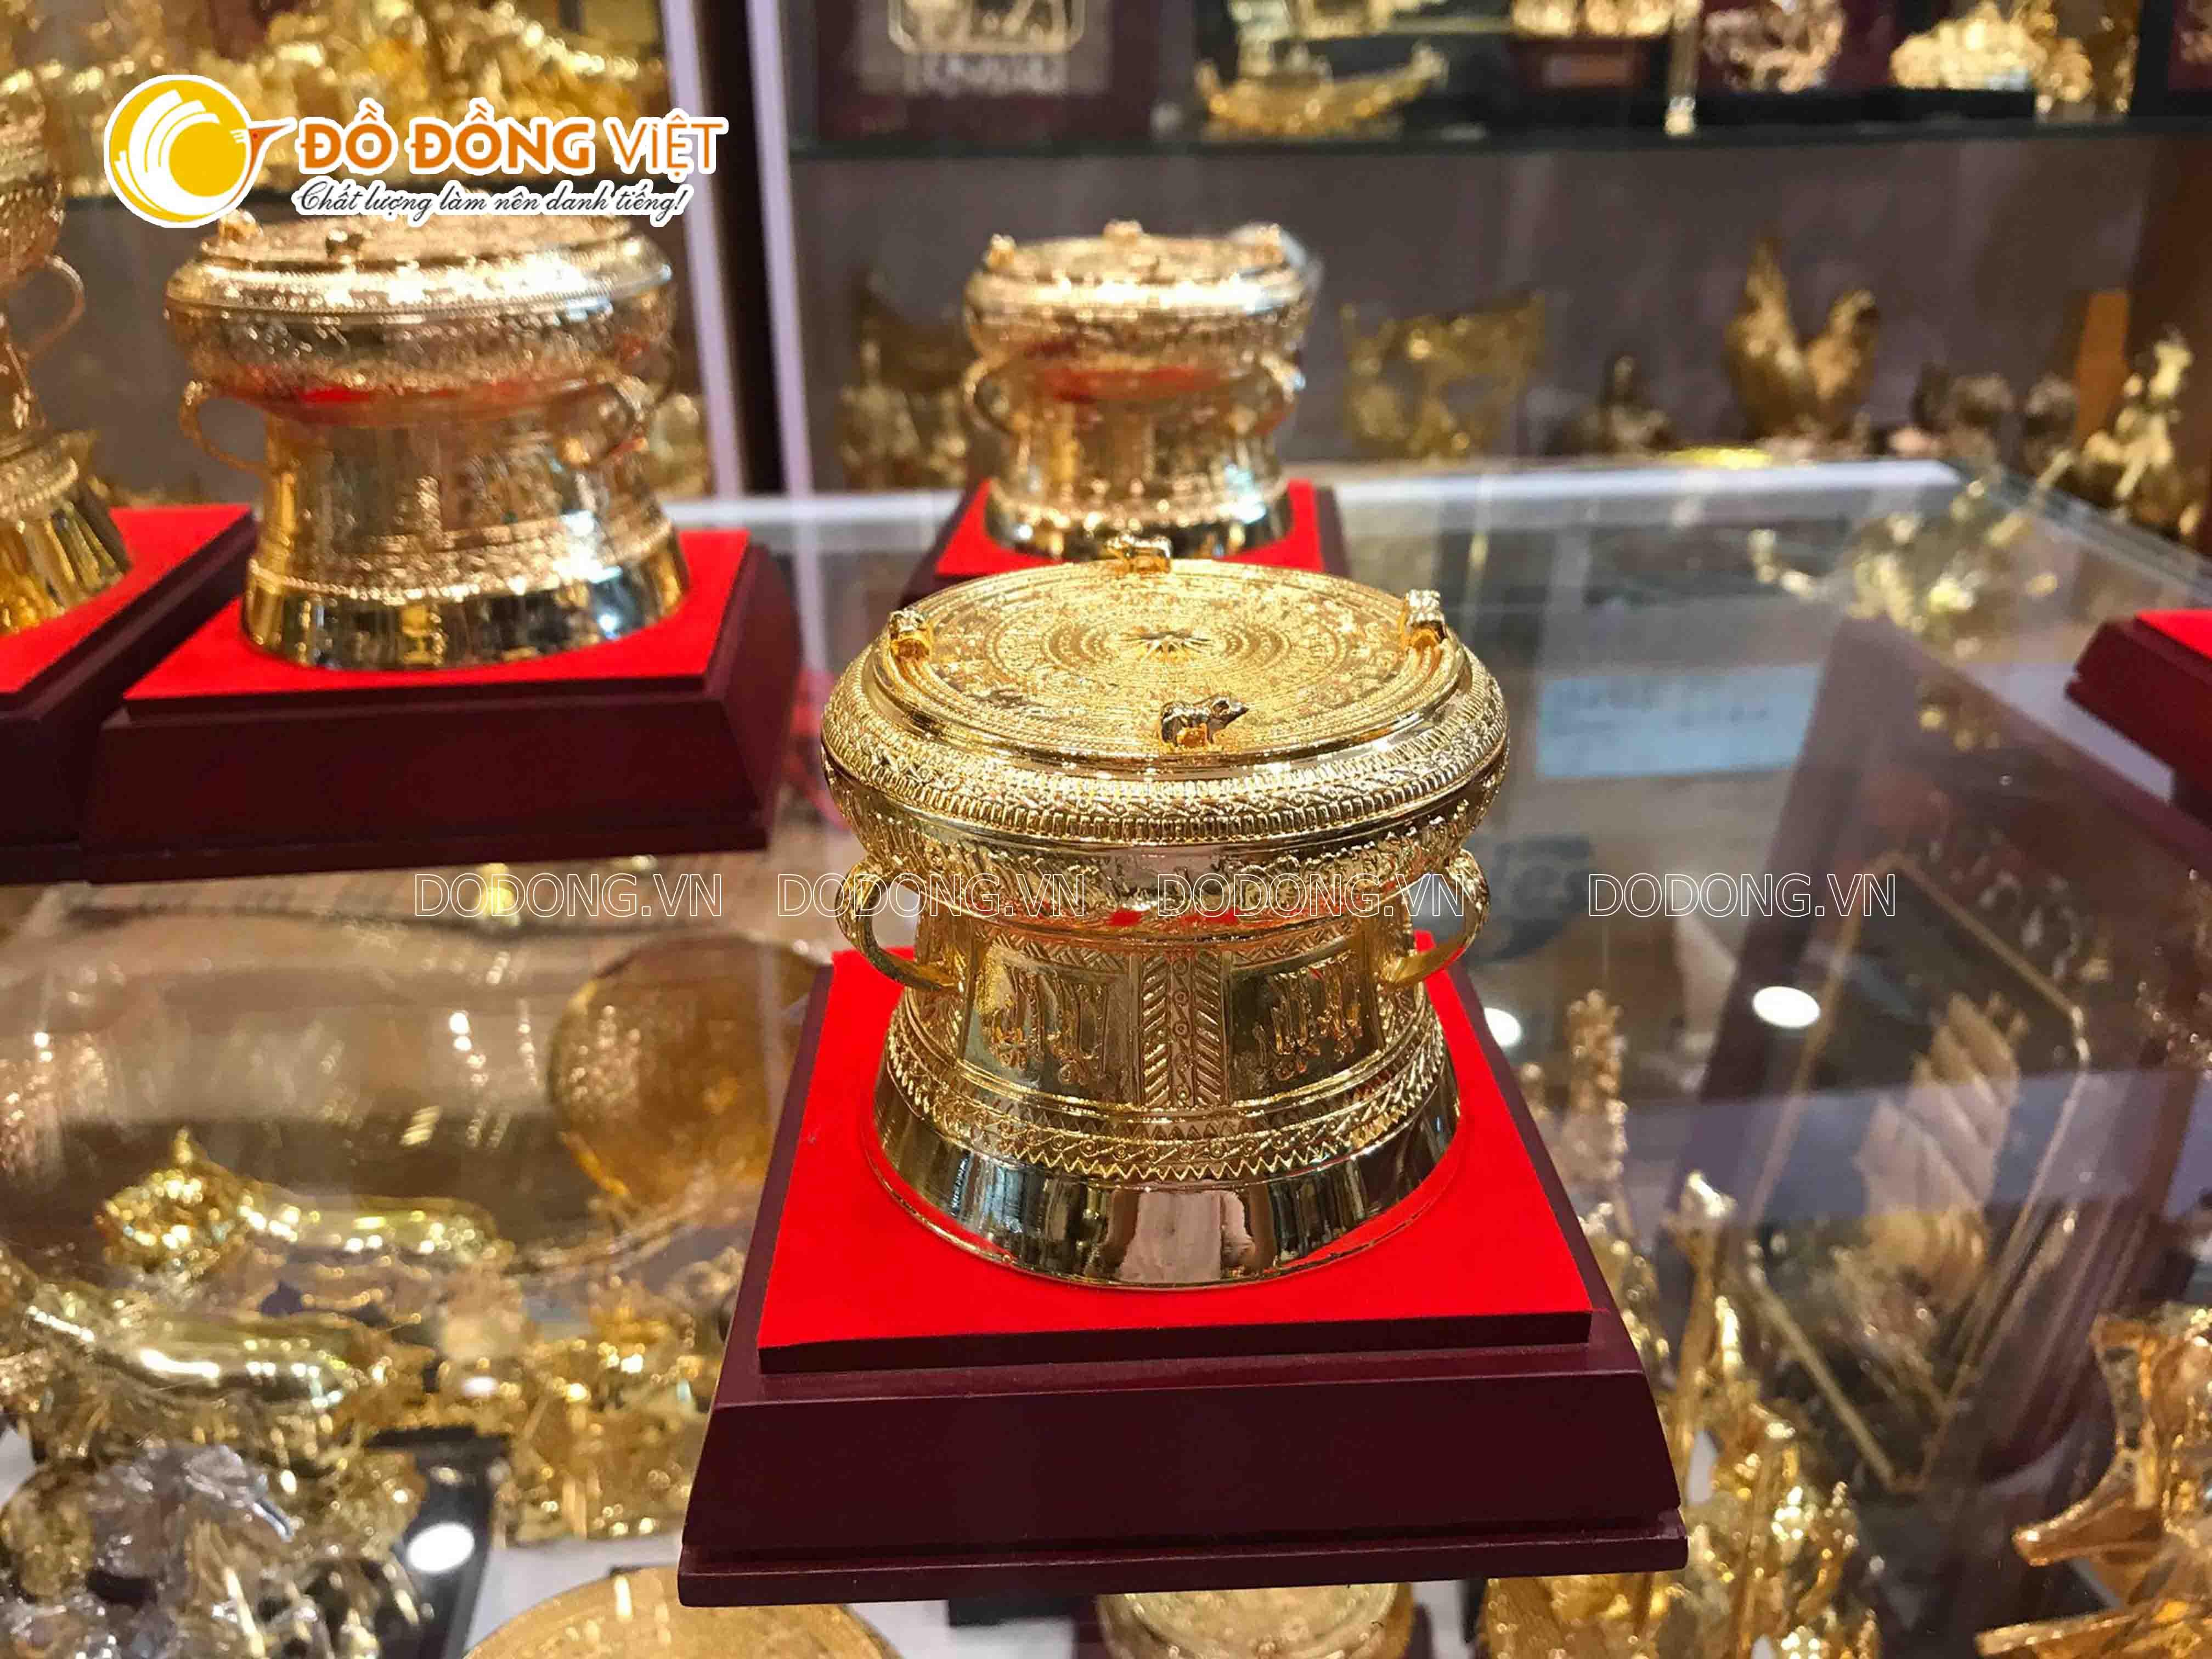 Trống đồng quà tặng mạ vàng đẹp tinh xảo đường kính 7cm